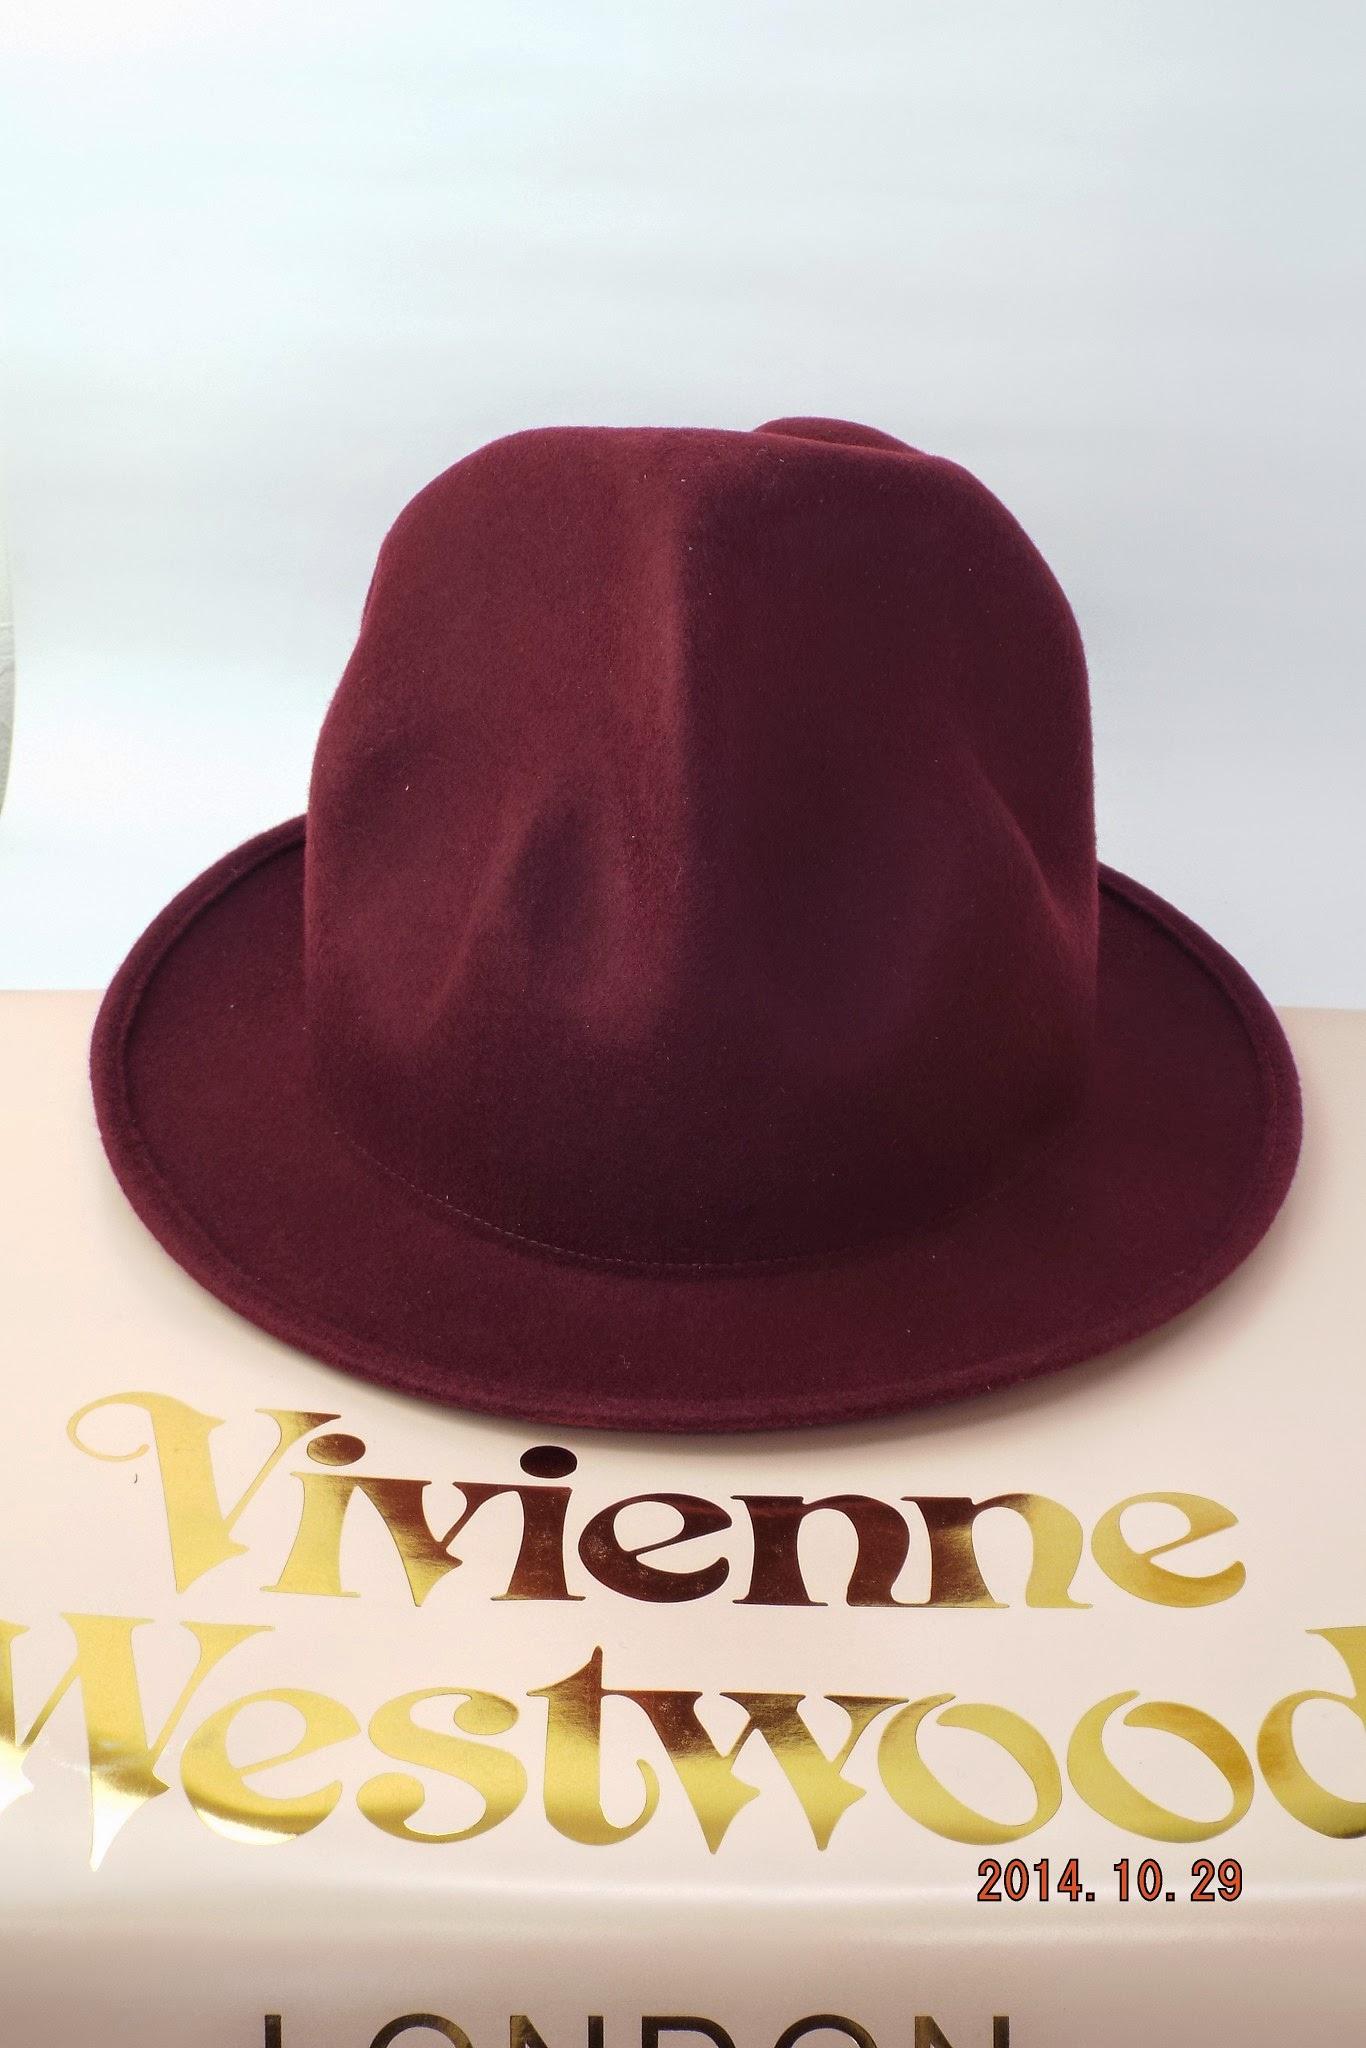 ヴィヴィアンウエストウッド ワールズエンド フェルトマウンテンハット ワイン